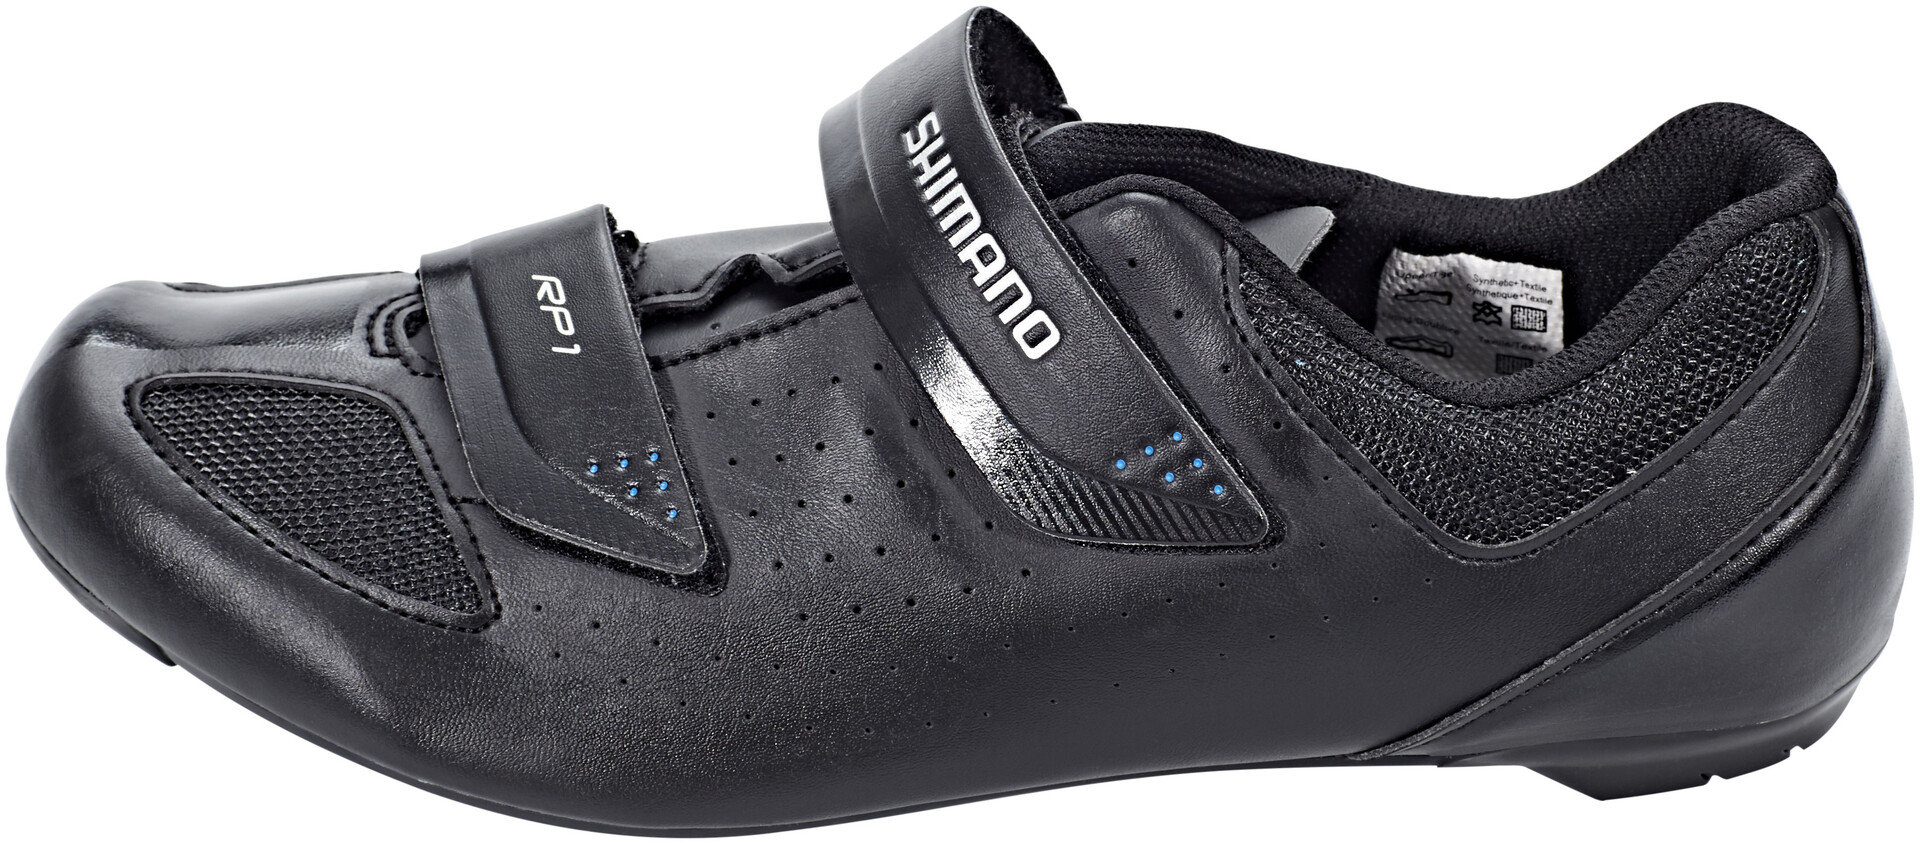 De Boutique Chaussures En Shimano Sh T1c3fjlk Noir Ligne Rp1 Vélos qGzVpSMU